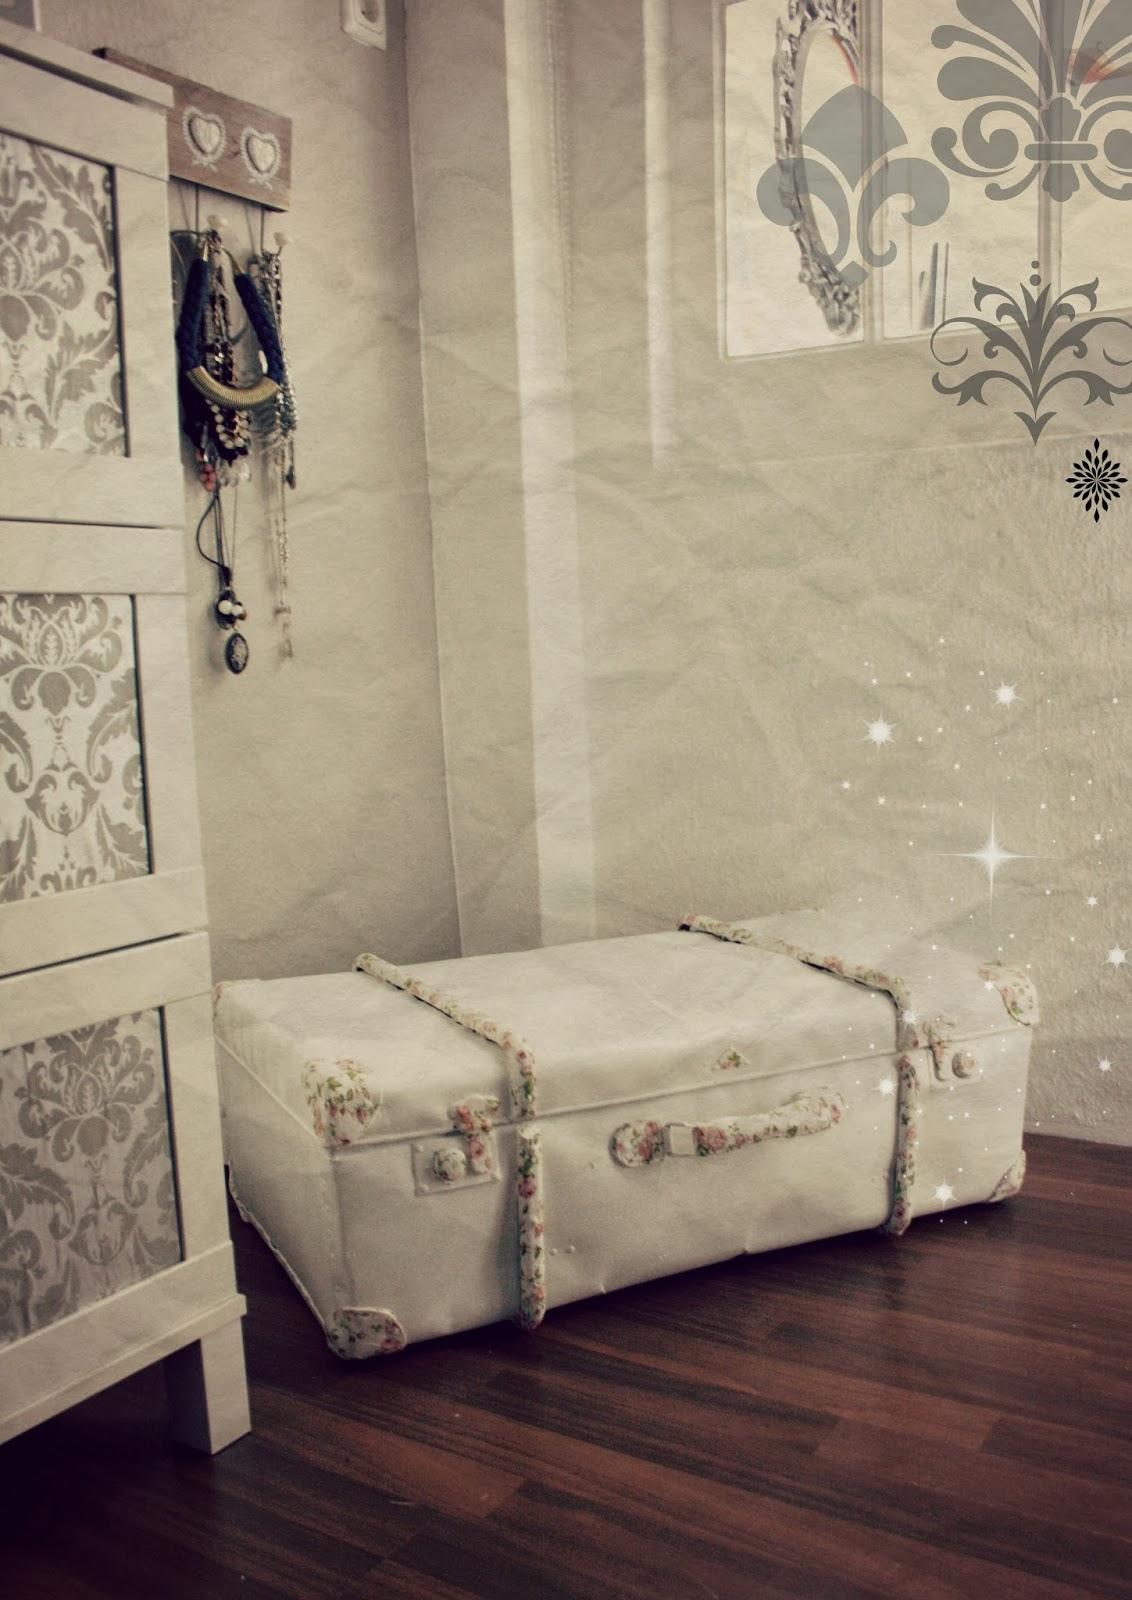 Schlafzimmer Antik Einrichten Bettdecken Kleinkind Test Bettwsche Kinderbett Gold Deko